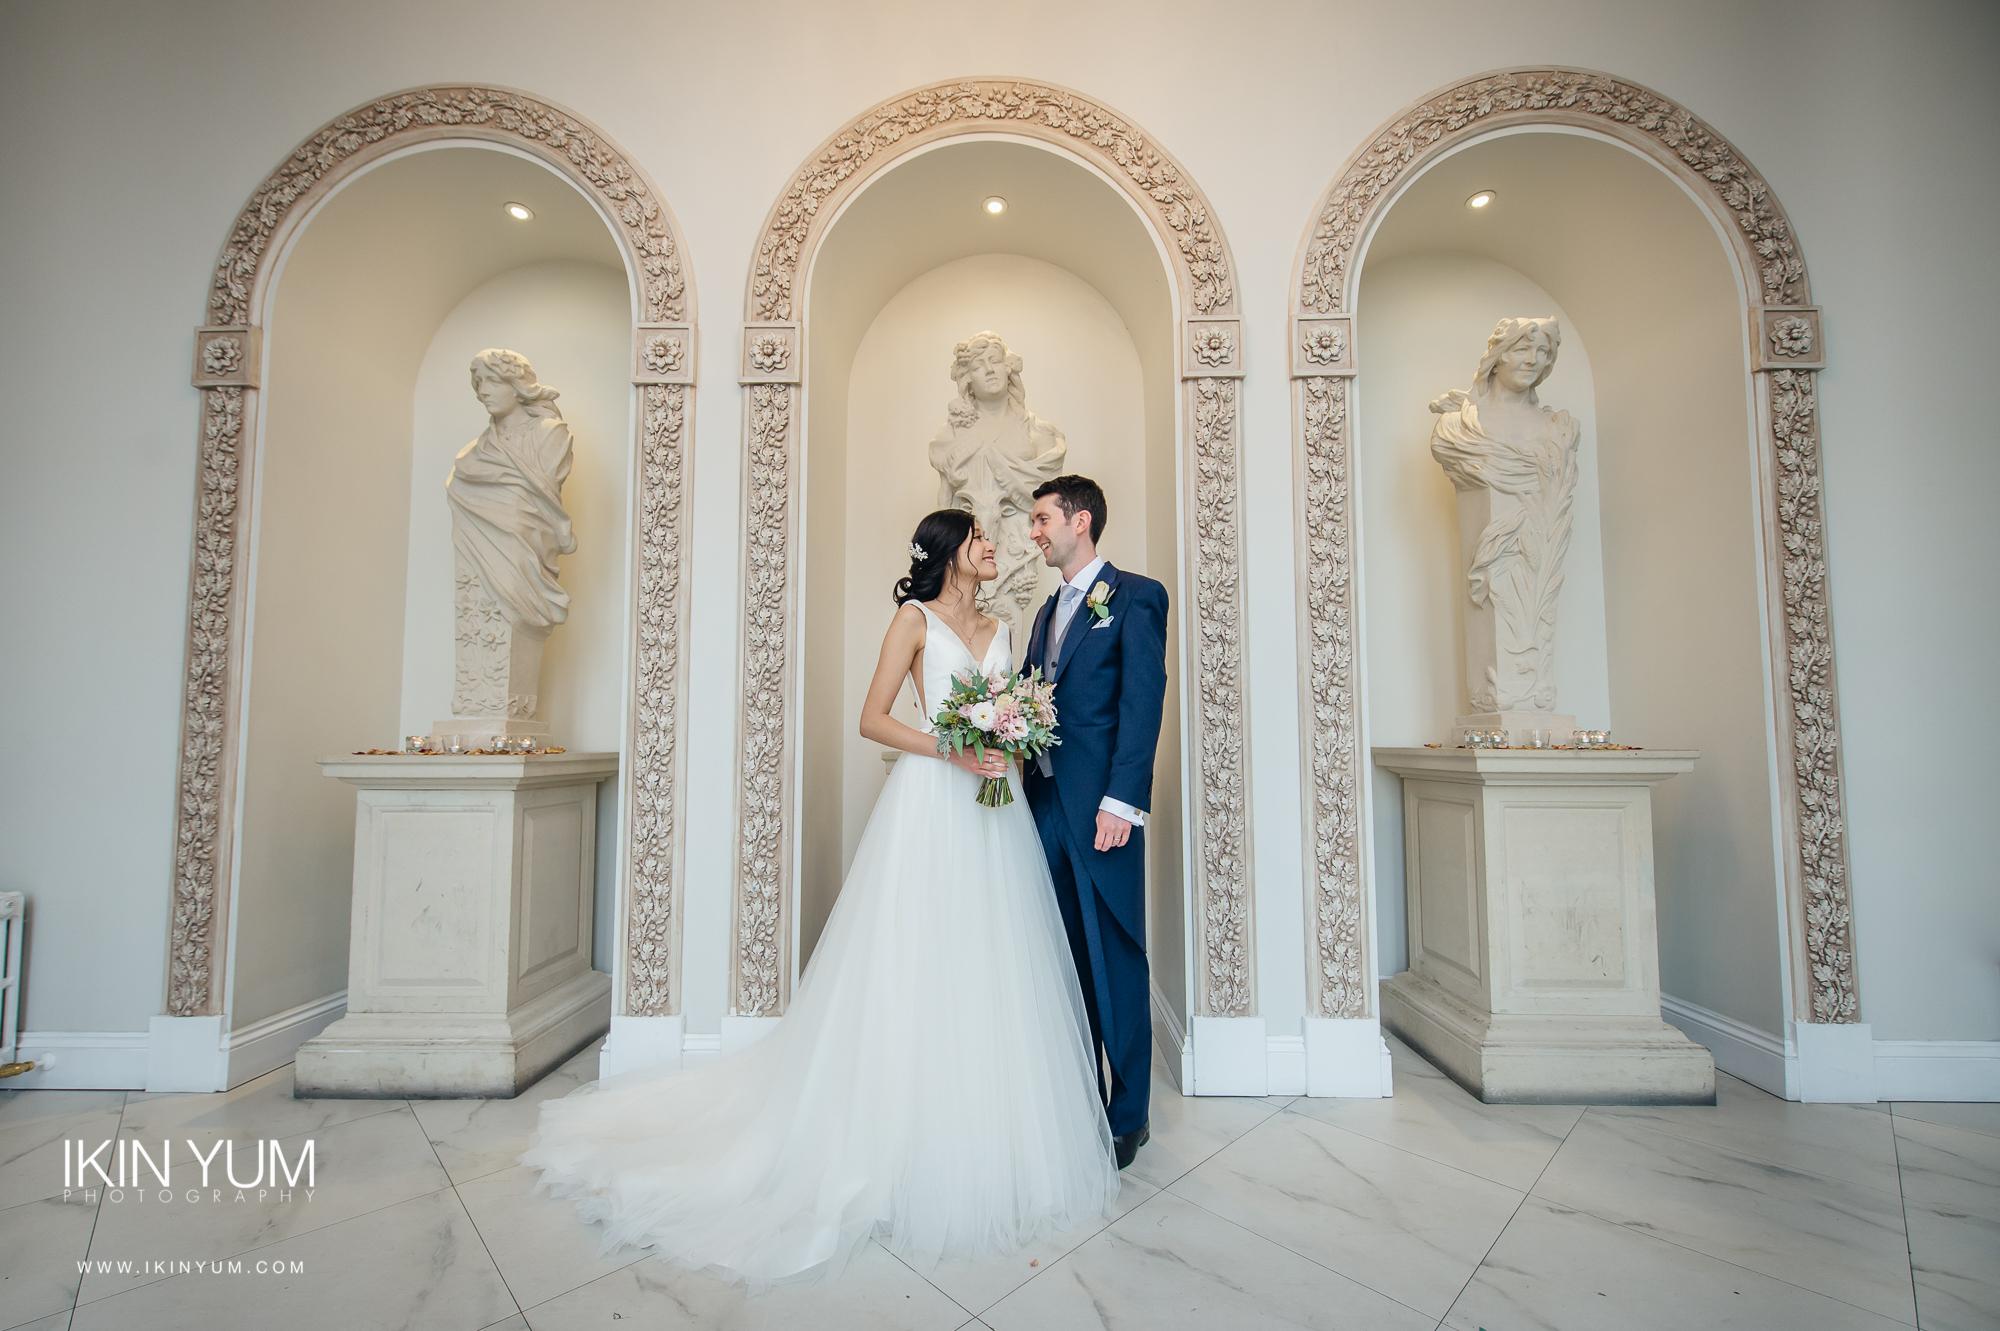 Nicola & Jonny Wedding Day - Ikin Yum Photography-093.jpg